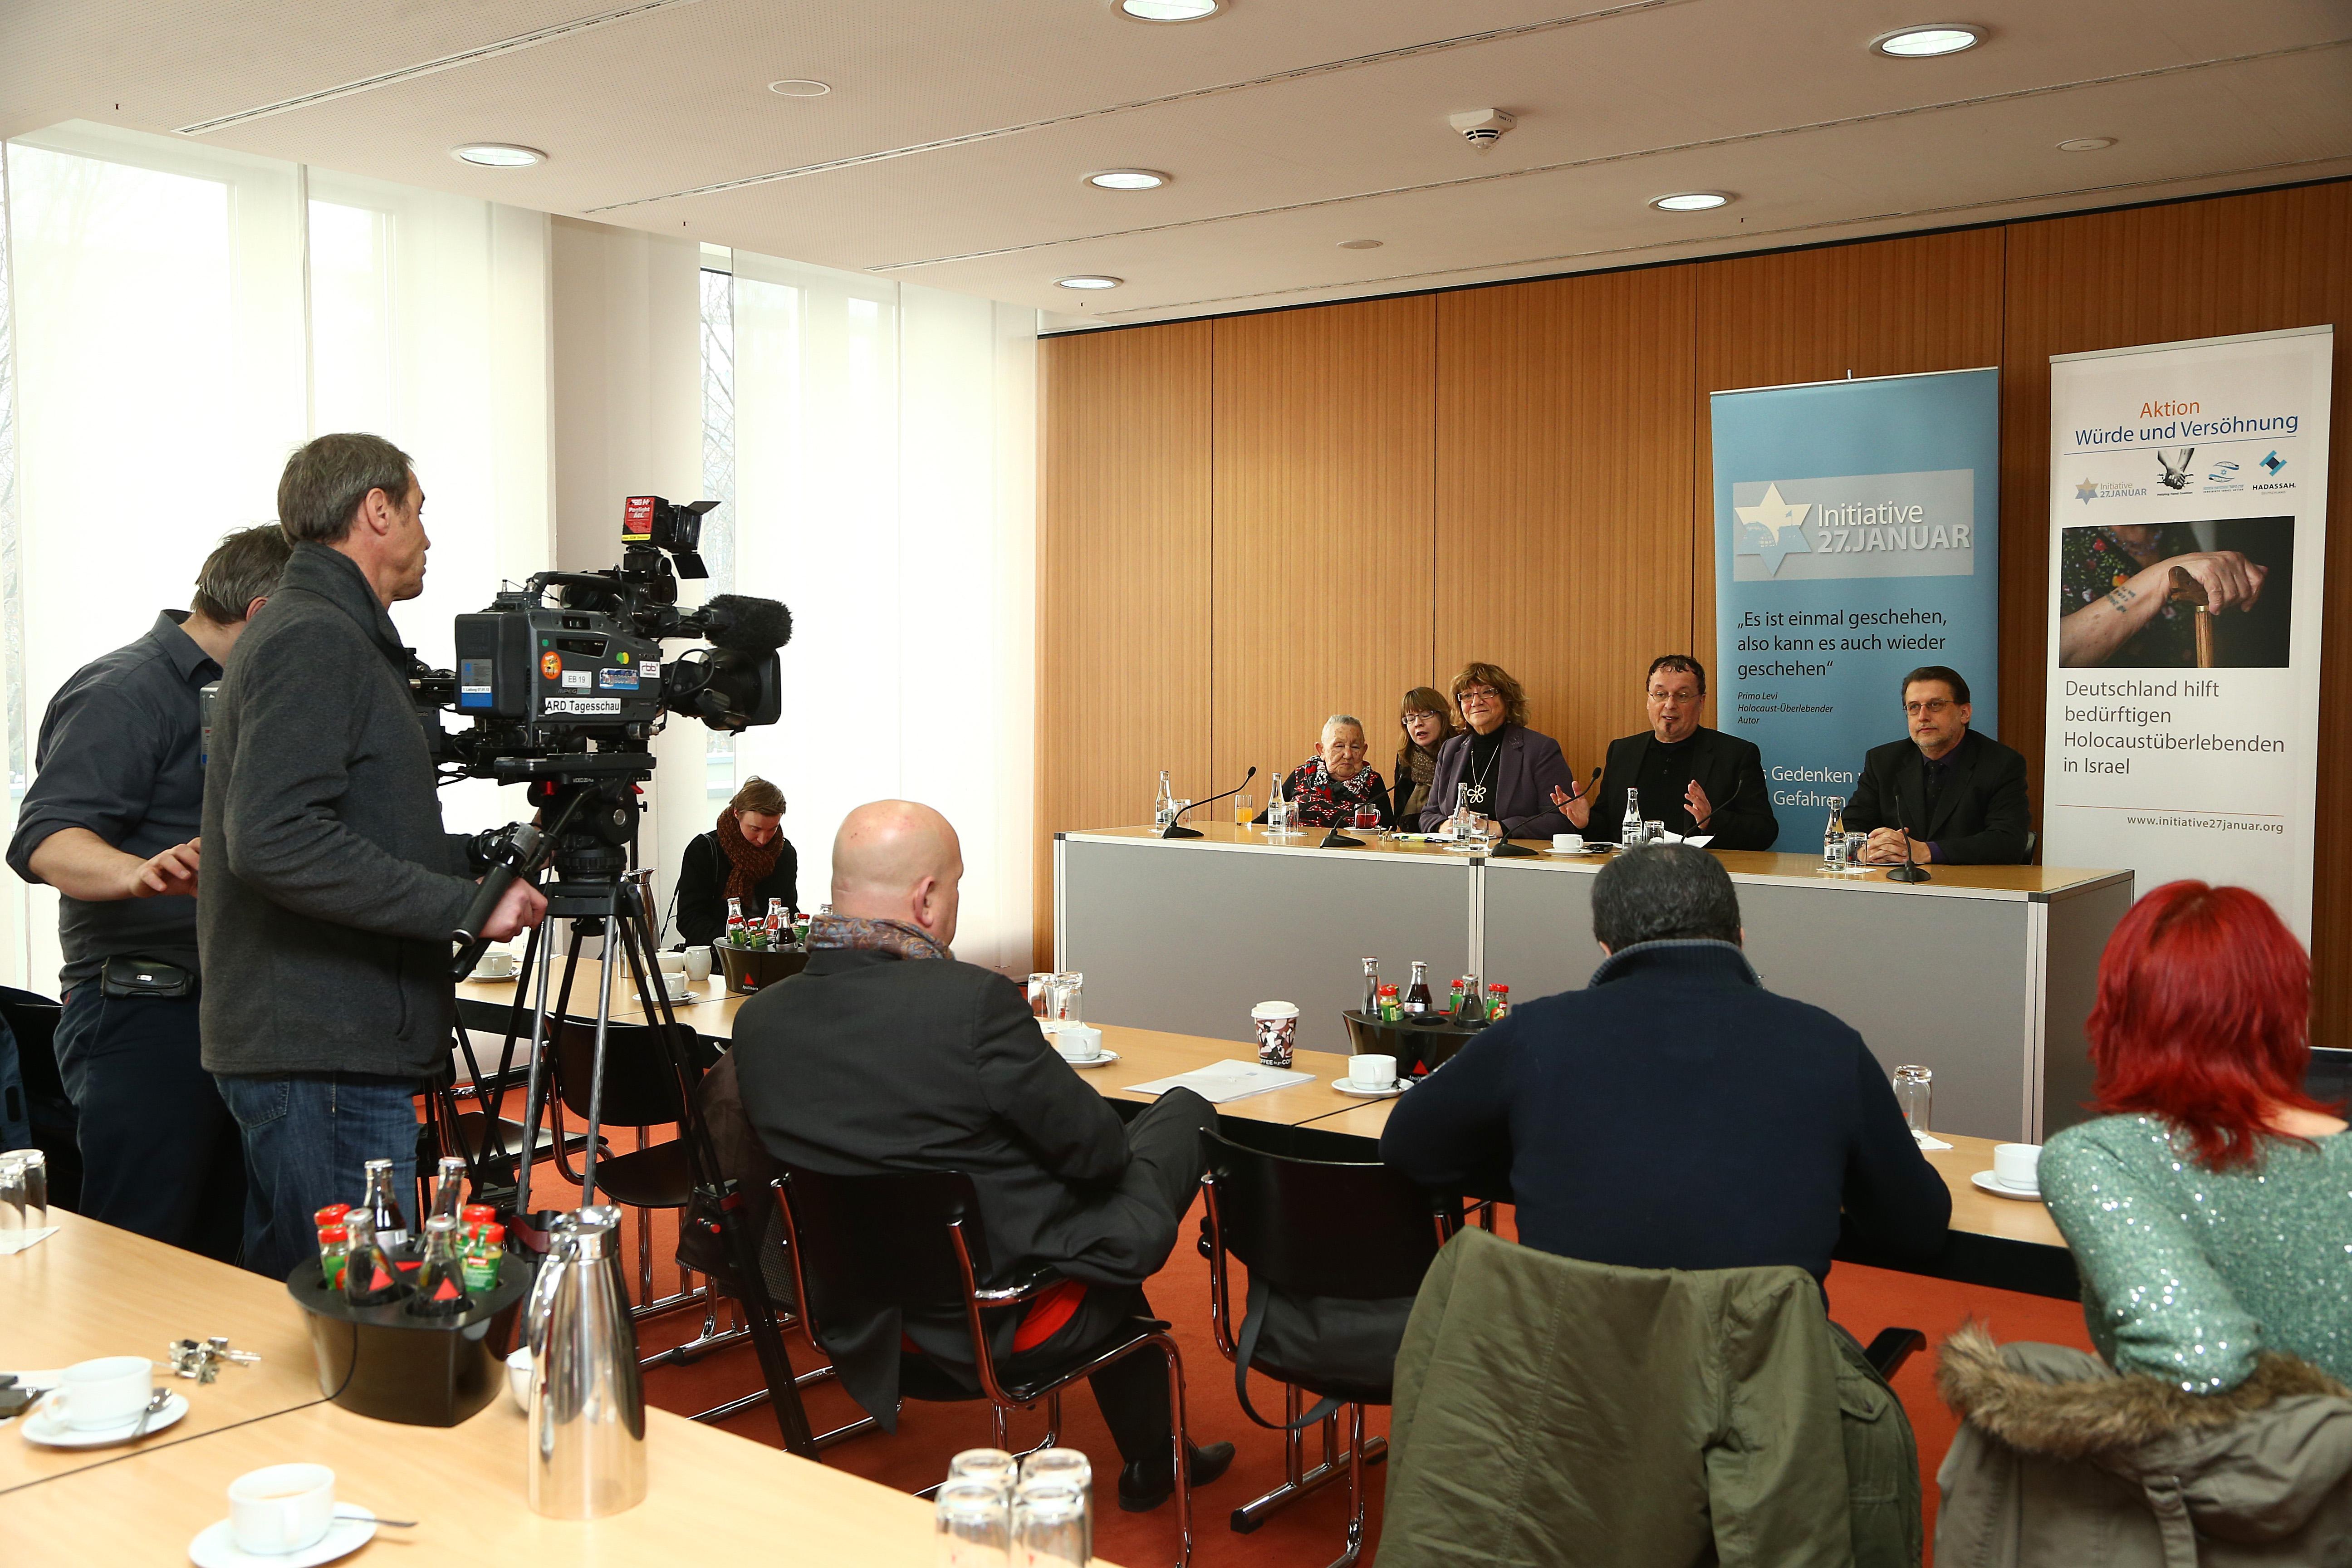 Pressekonferenz am 25.01.2013 im Haus der Bundespressekonferenz in Berlin, Foto: Eventpress Herrmann